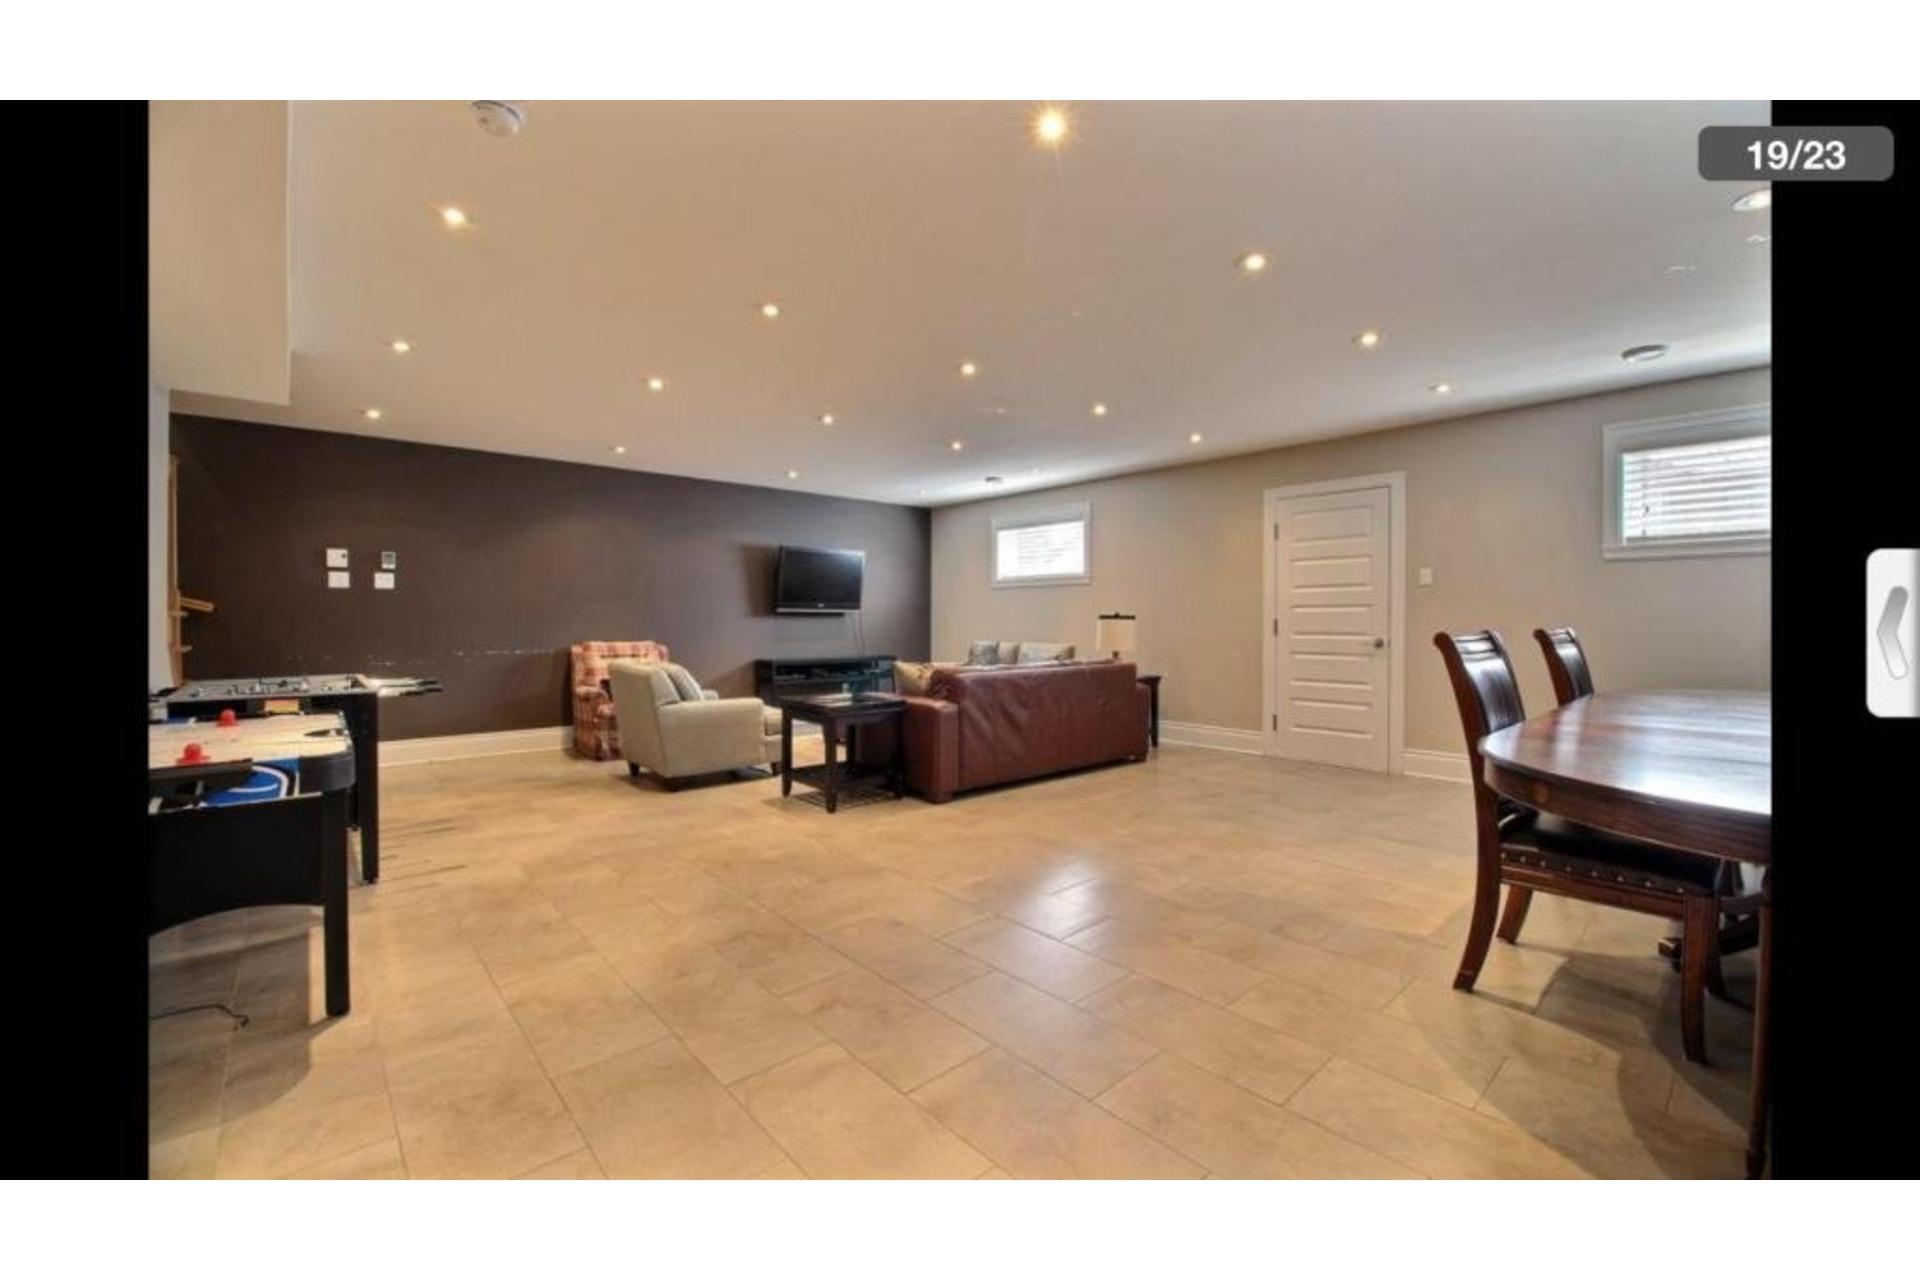 image 14 - Apartment For rent Montréal Saint-Laurent  - 10 rooms